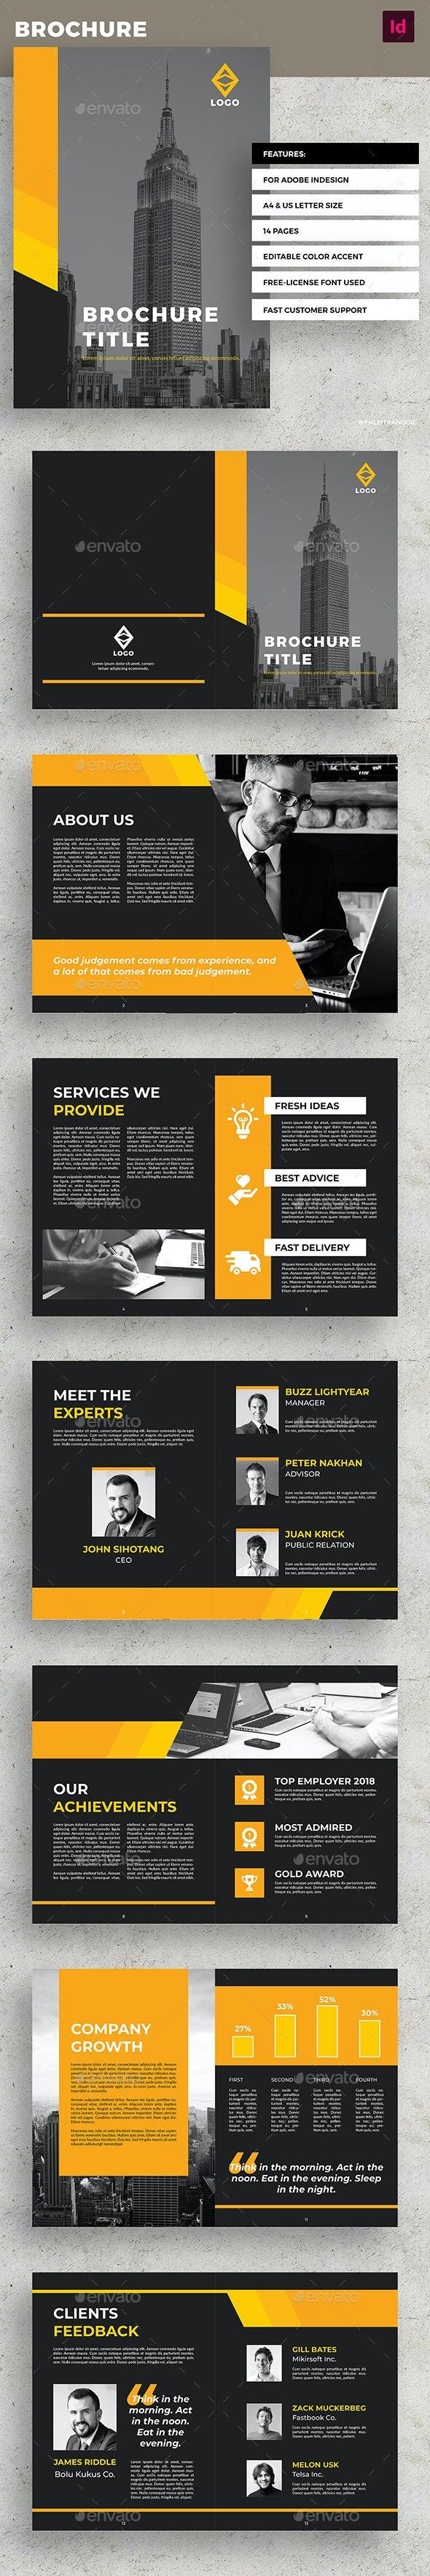 Yellow Business Brochure - Corporate Brochures